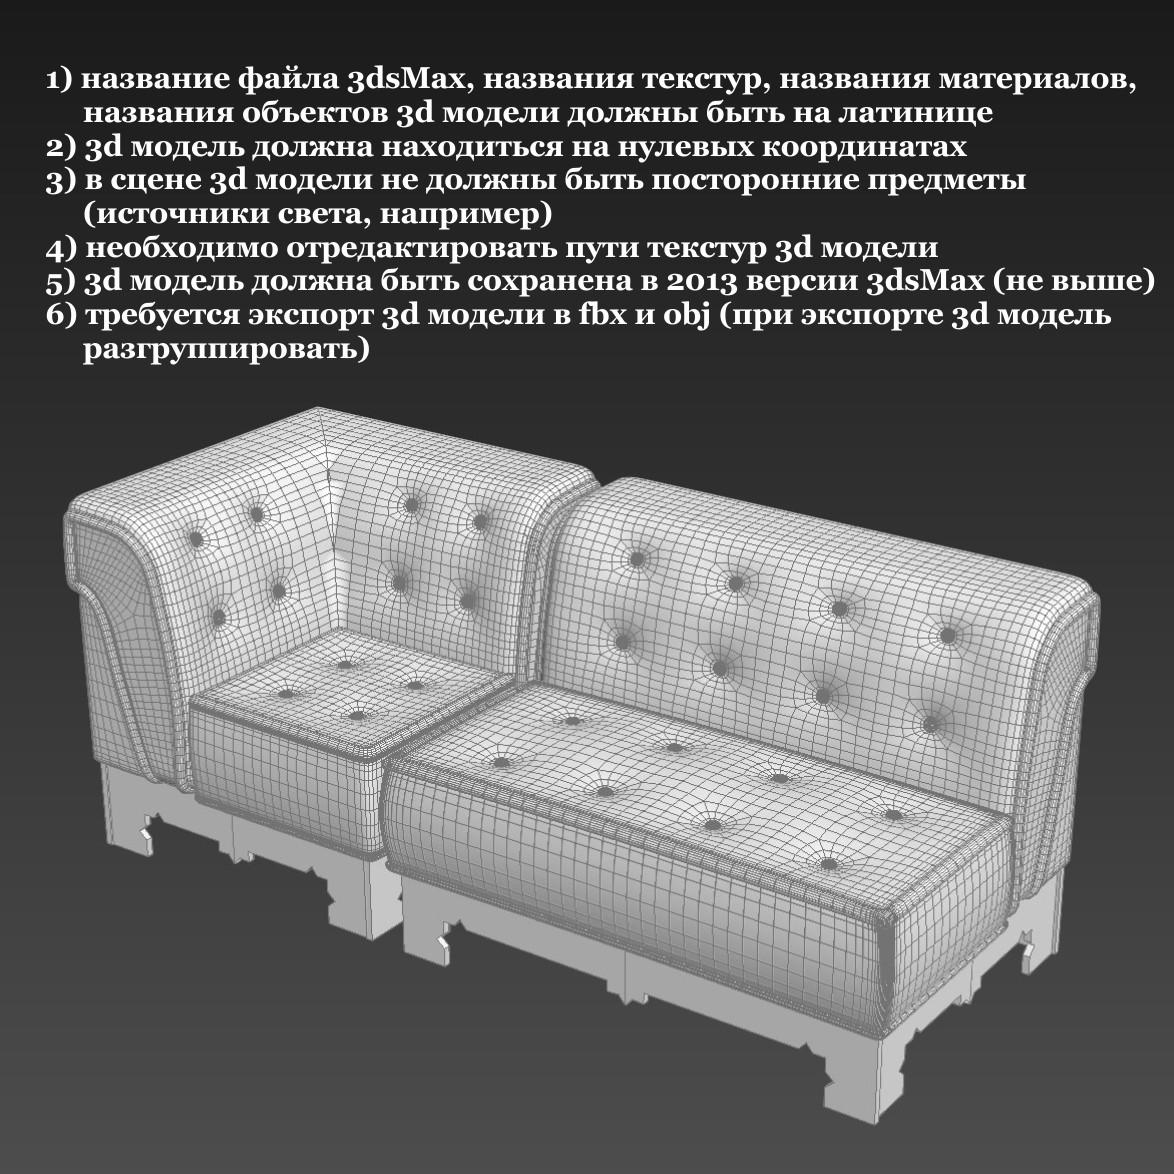 сохранение 3d модели_правила